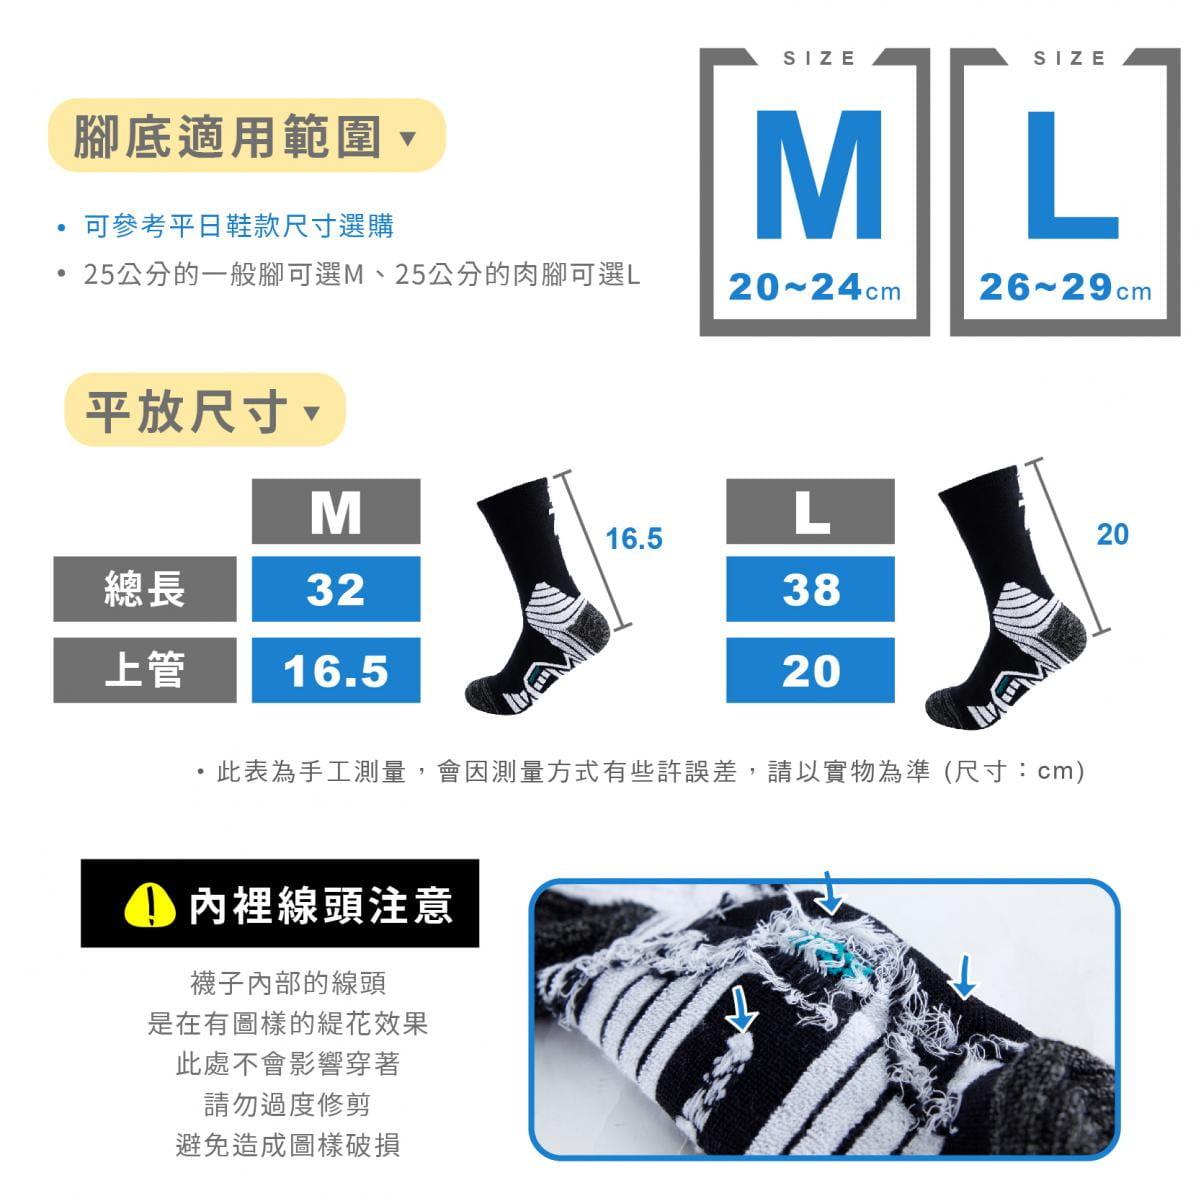 【FAV】運動加大除臭數字襪(單隻販售) 6